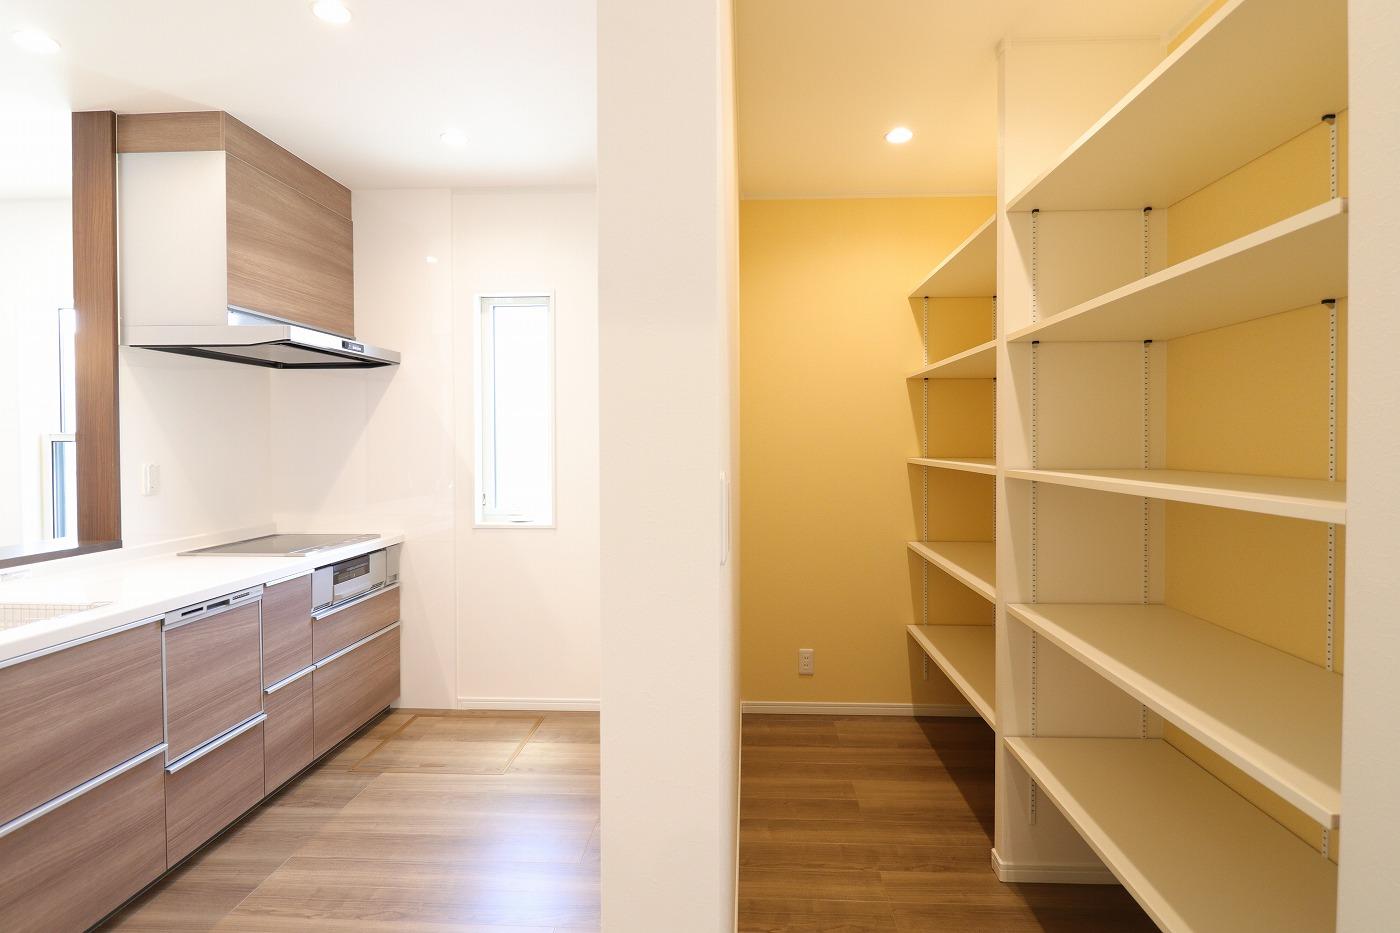 高松市木太町新築分譲建売住宅のキッチンパントリー